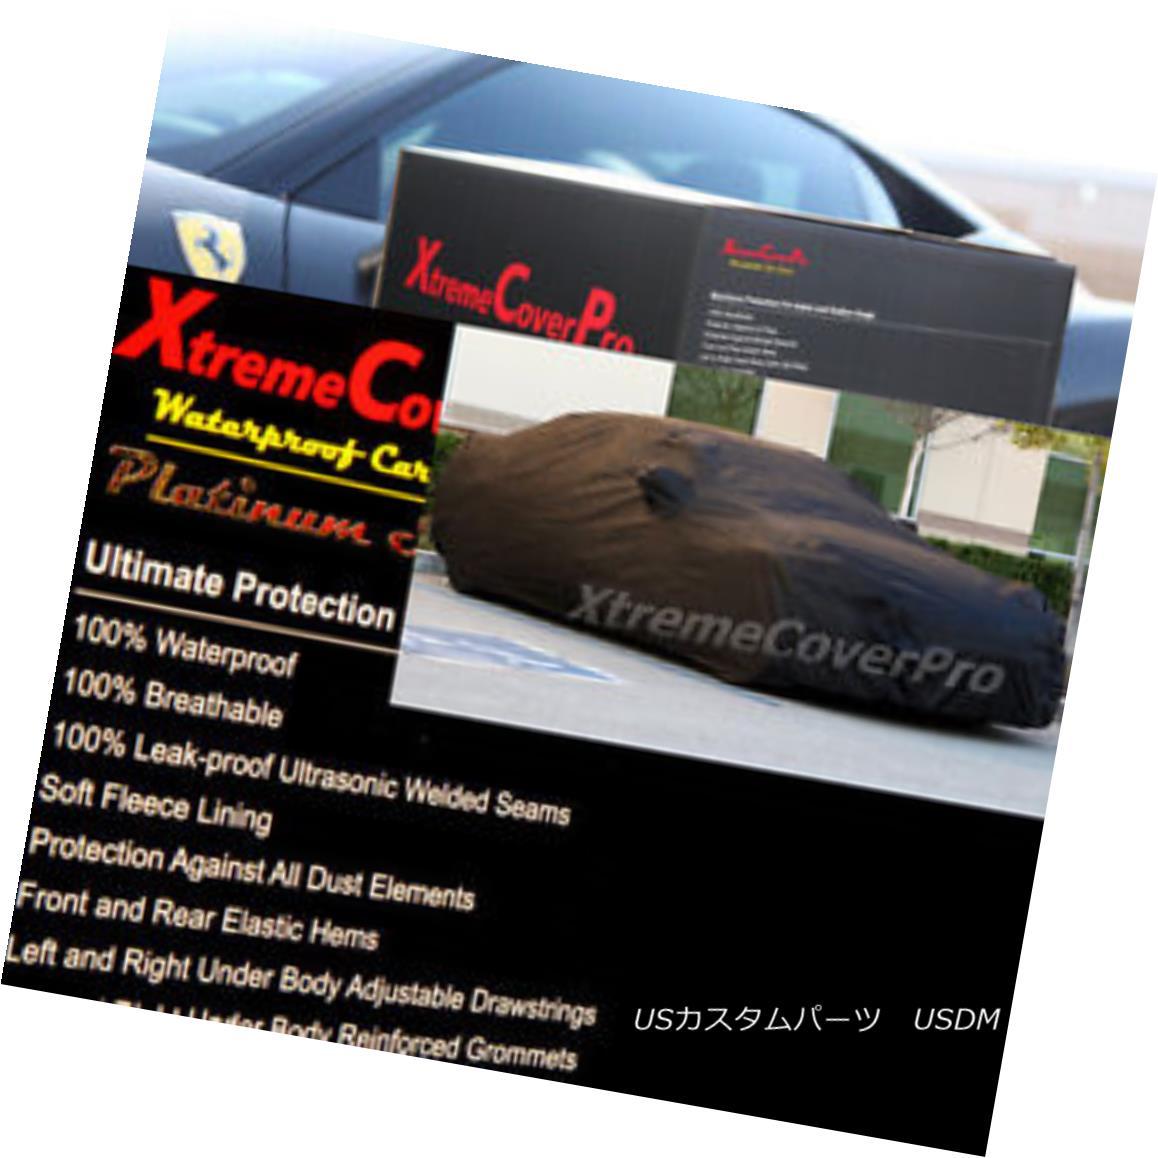 カーカバー 1998 1999 2000 Cadillac Seville Waterproof Car Cover w/MirrorPocket 1998年1999年2000年キャデラックセビリア防水カーカバー付き(MirrorPocket)